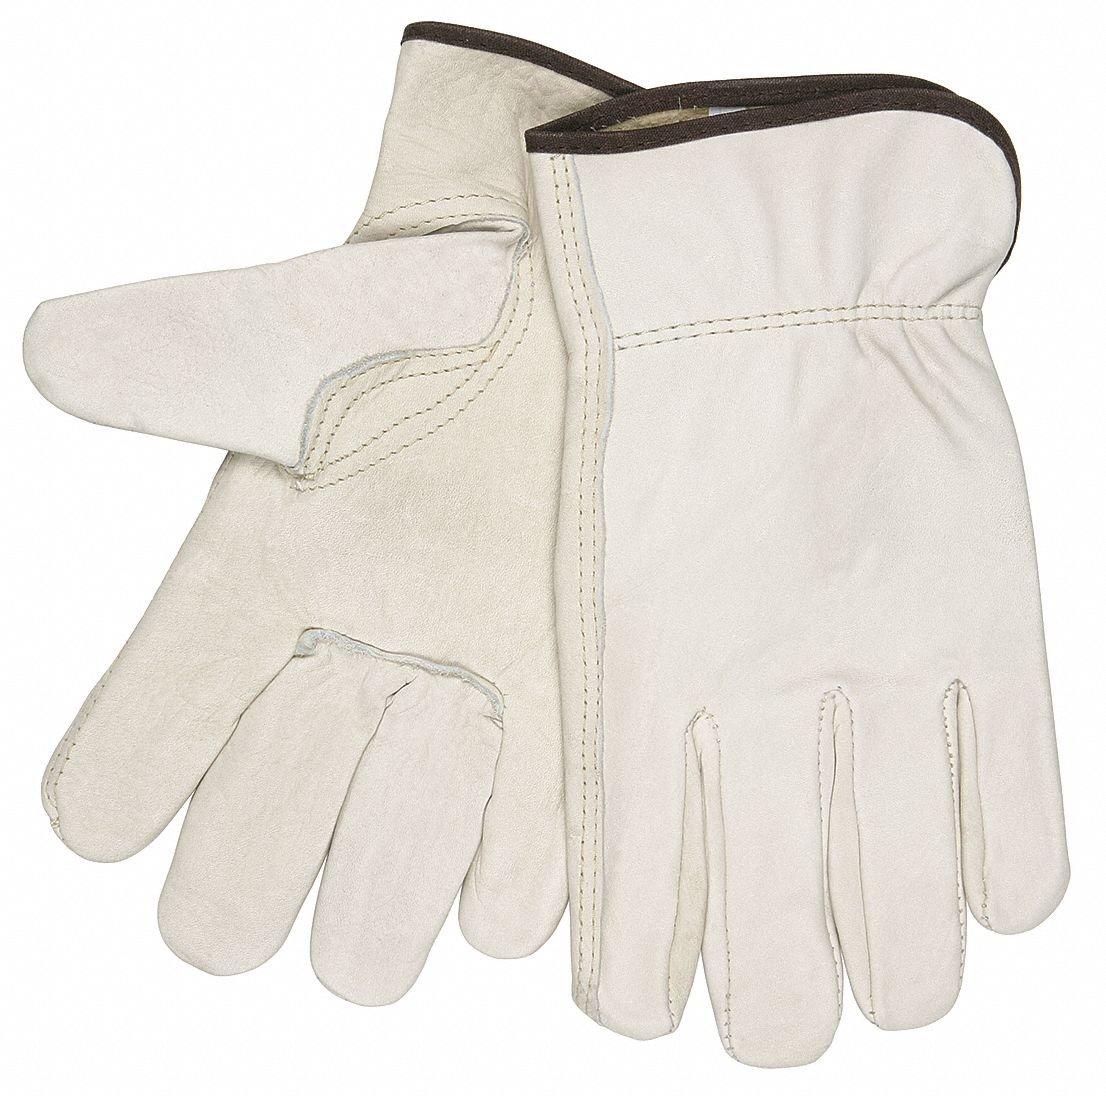 Cowhide Leather Work Gloves, Slip-On Cuff, Cream, Glove Size: M